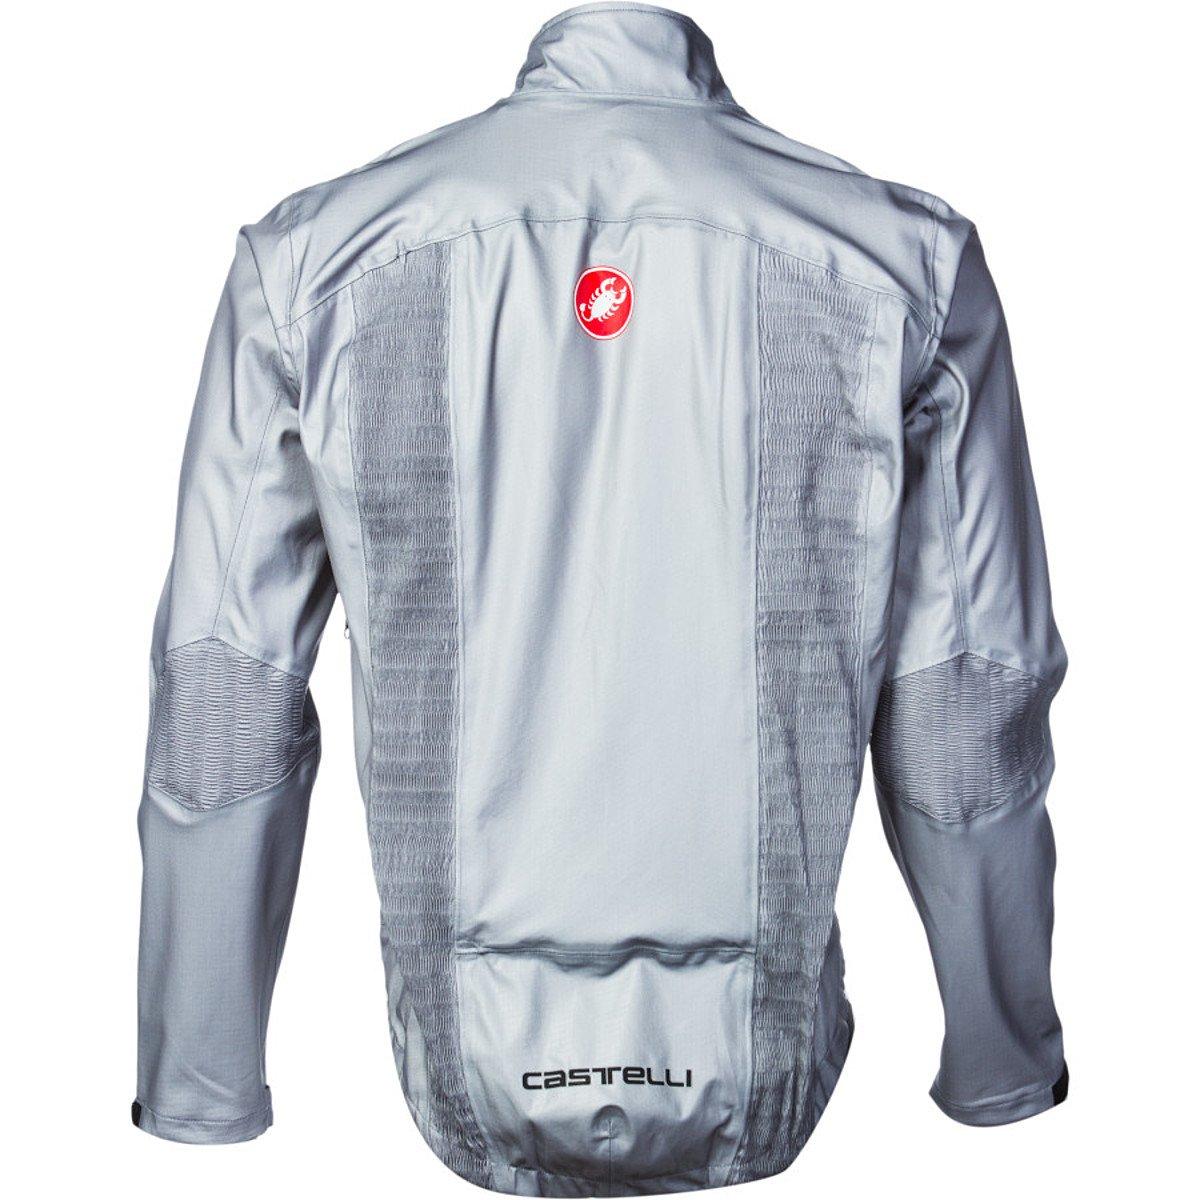 Castelli Pocket Liner Jacket